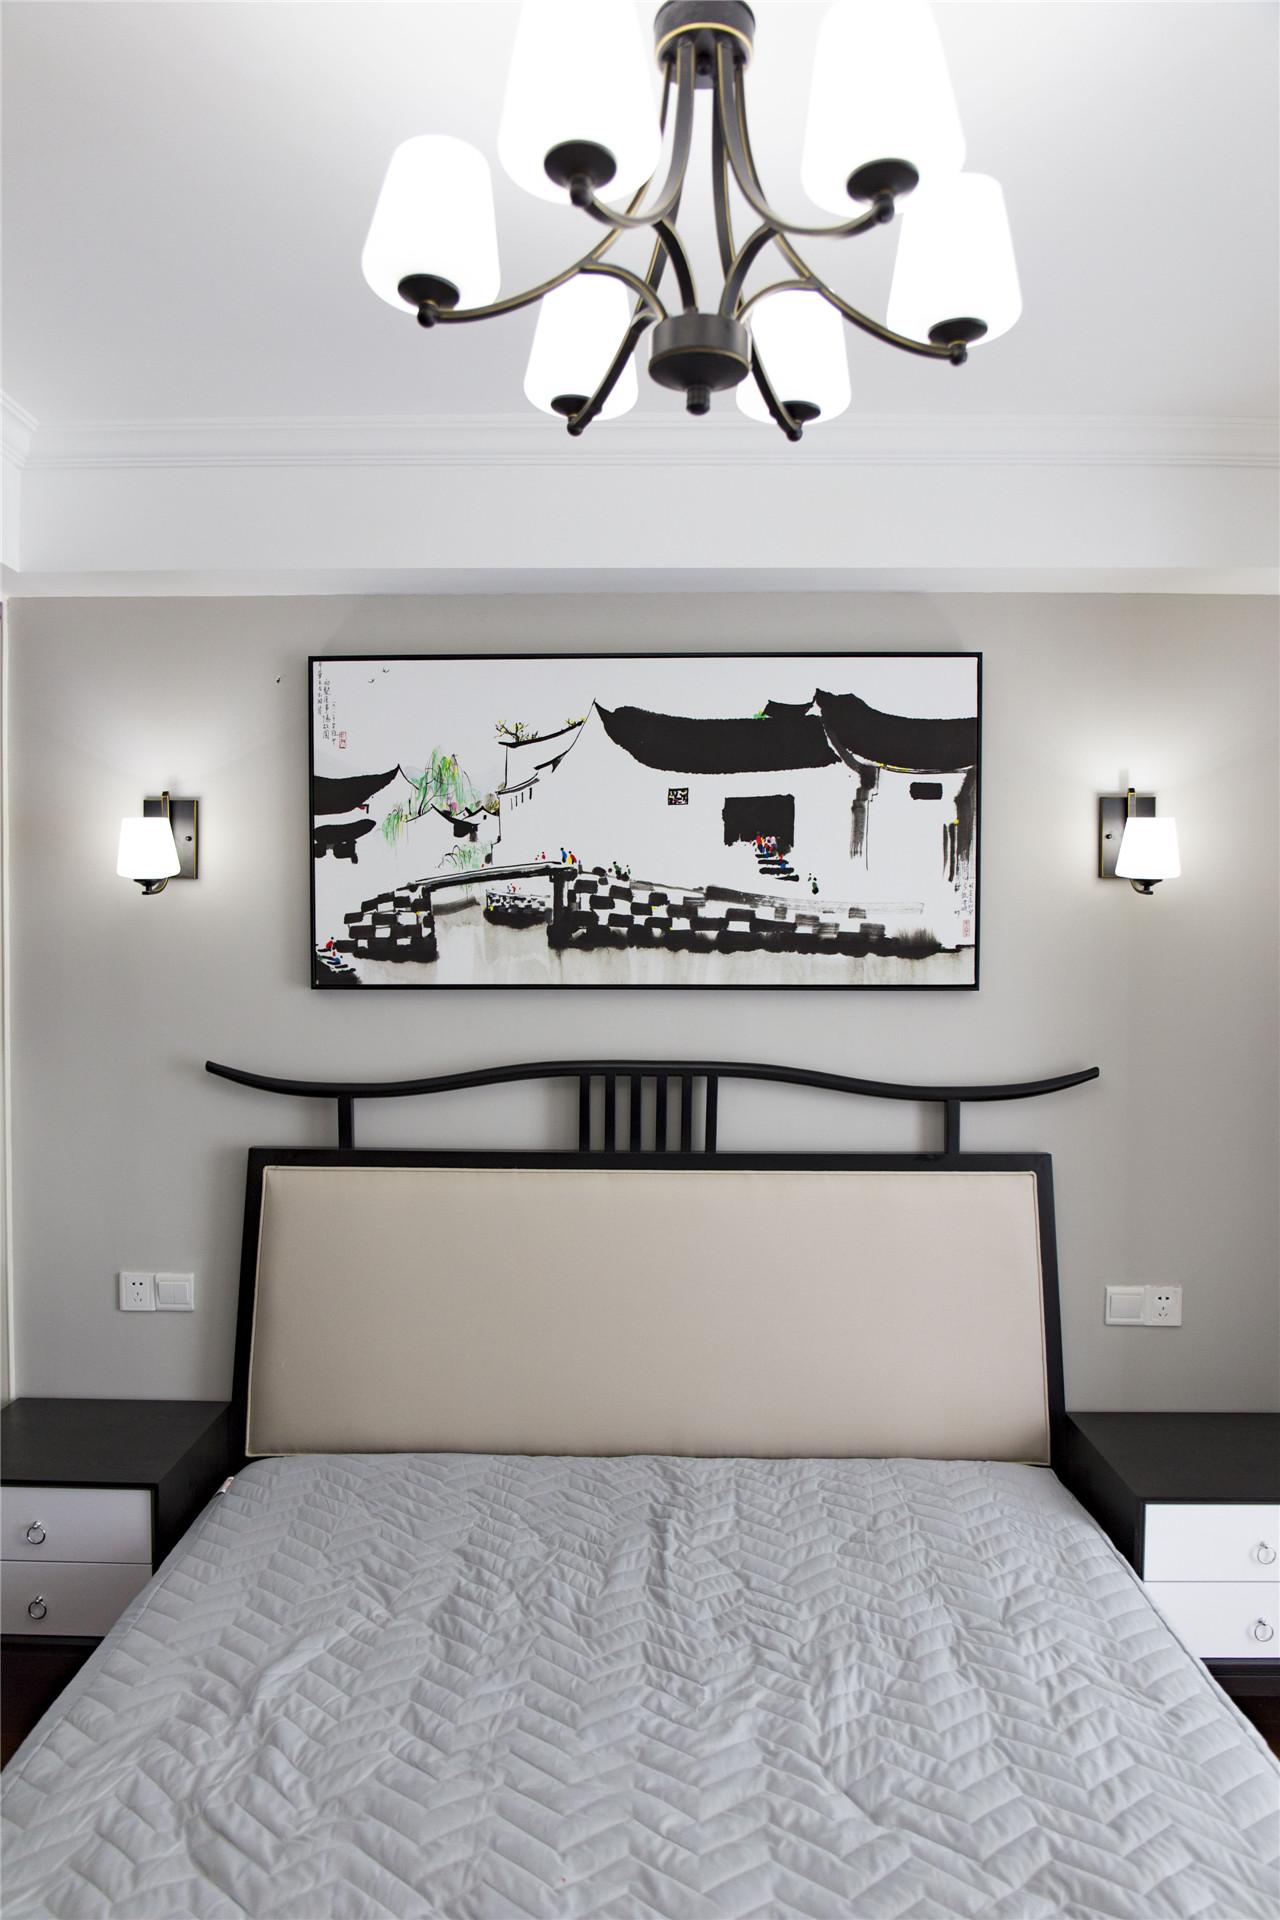 衣柜的移门和床也用了黑框装饰,和墙画相得益彰,也显得很素雅。